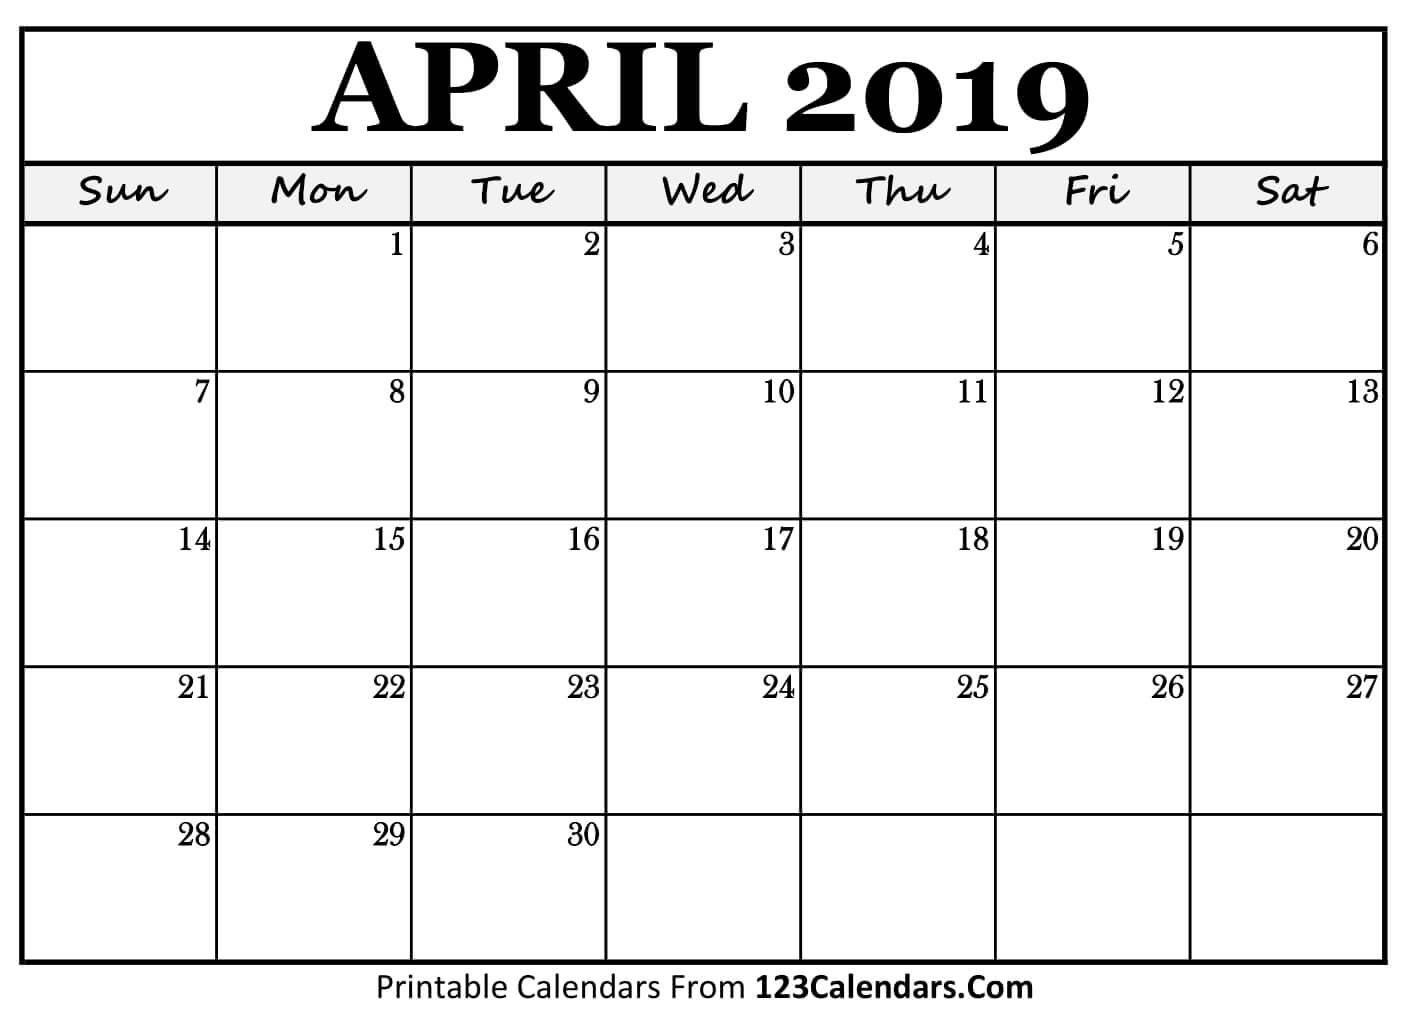 Printable April 2019 Calendar Templates – 123Calendars April 3 2019 Calendar